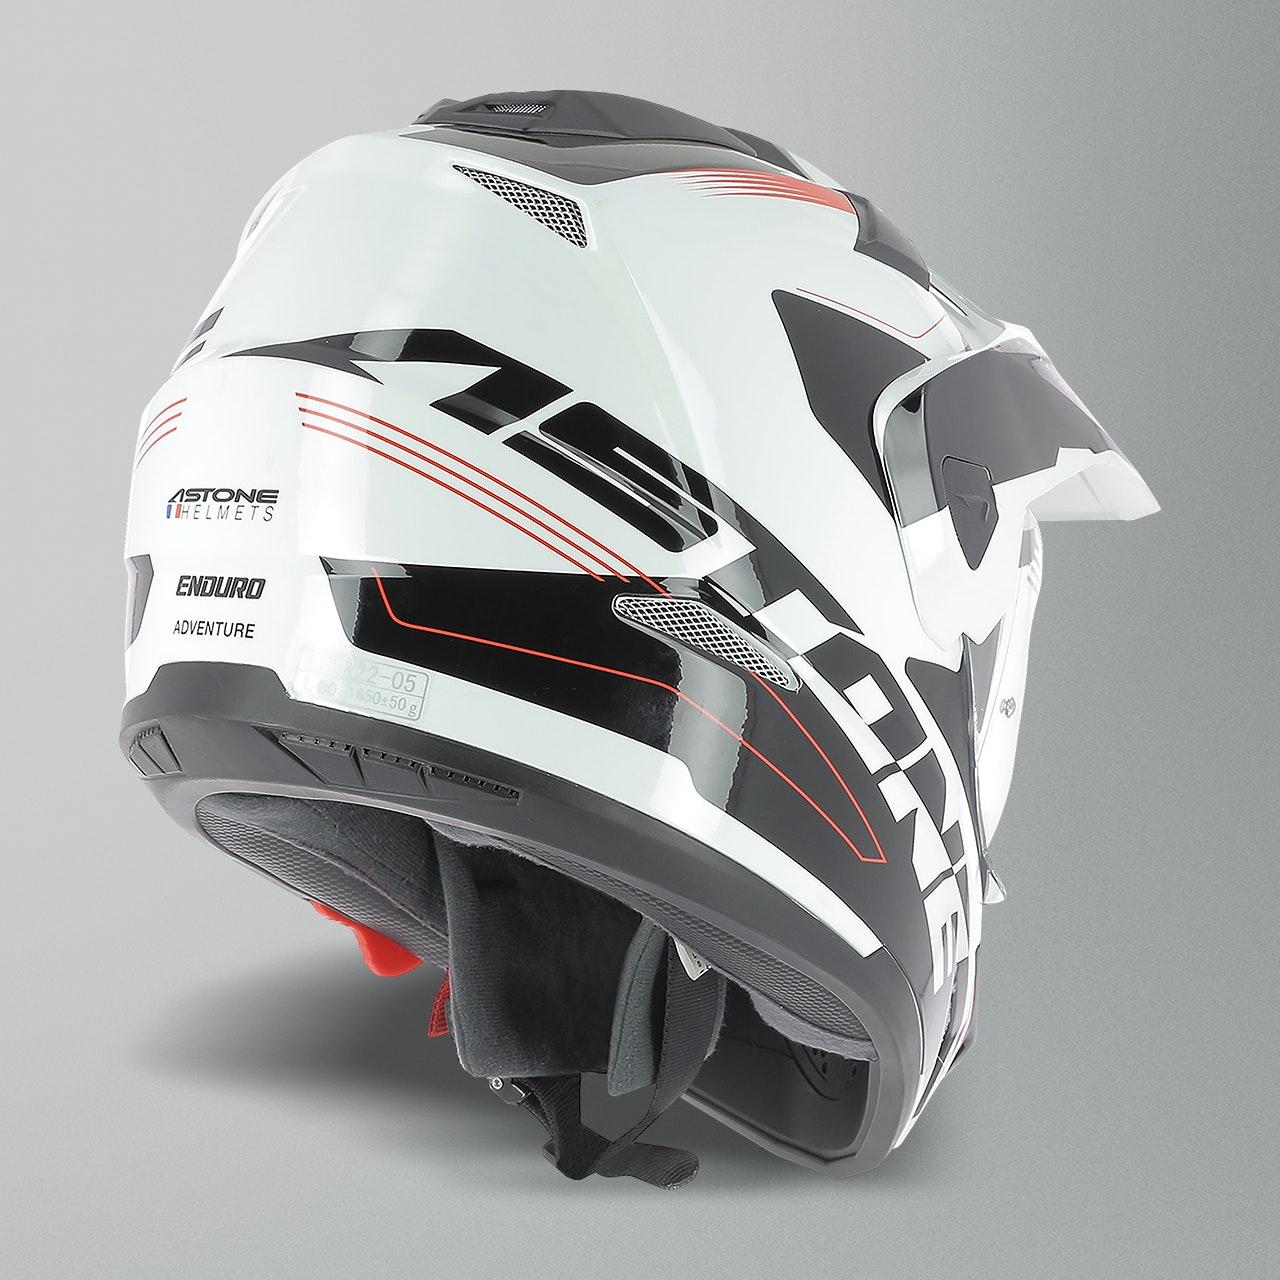 CROSS TOURER GRAPHIC ADVENTURE Astone Helmets Matt grey//black Casque int/égral polyvalent 3 en 1 enduro route et trail Casque de motocross homologu/é en polycarbonate